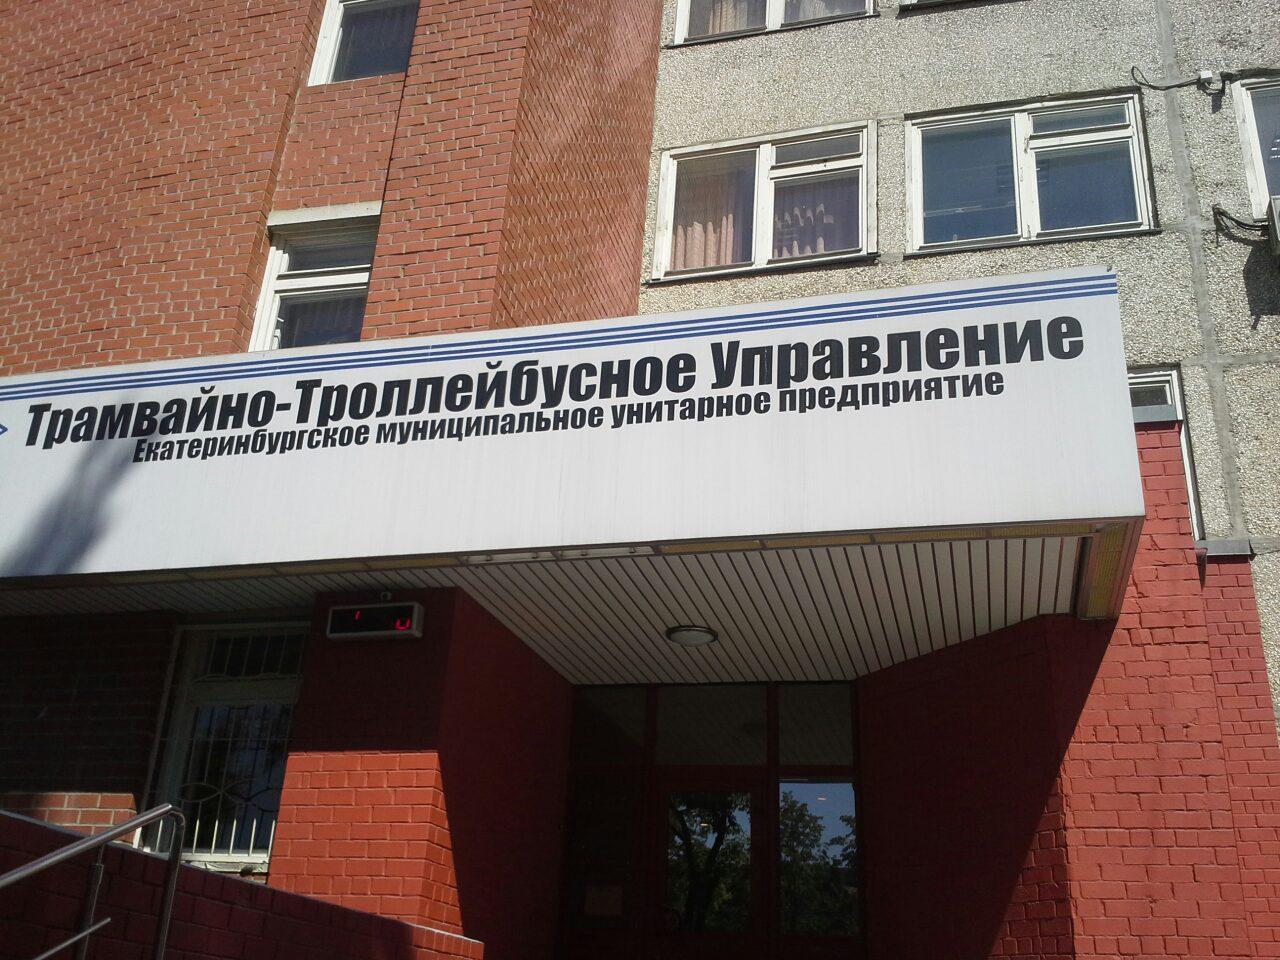 Главу ТТУ Александра Мирошника подозревают в строительных махинациях